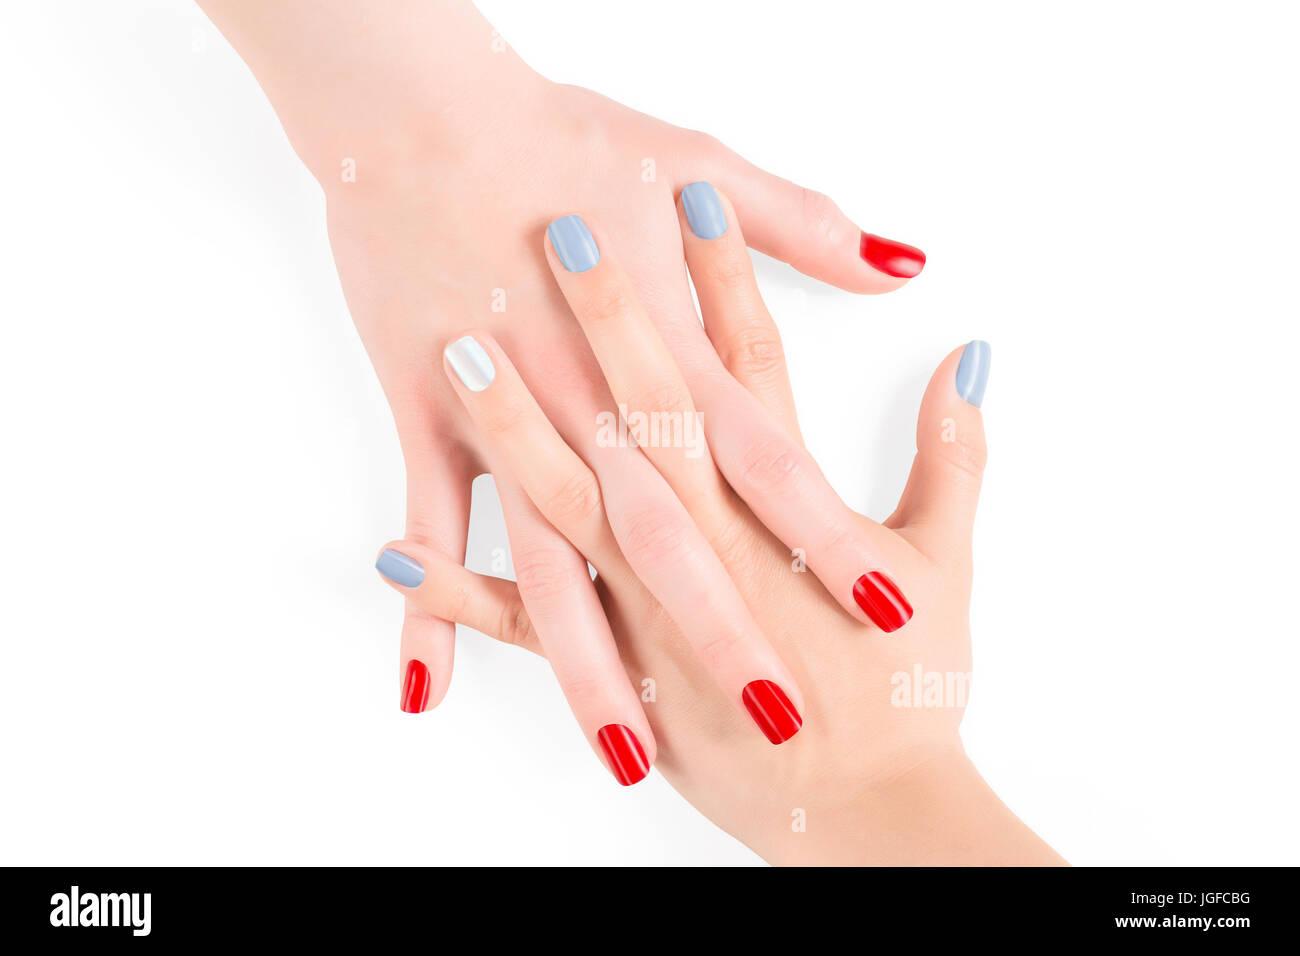 Femme avec les mains liées et bleu rouge laque, Vernis à ongles ...